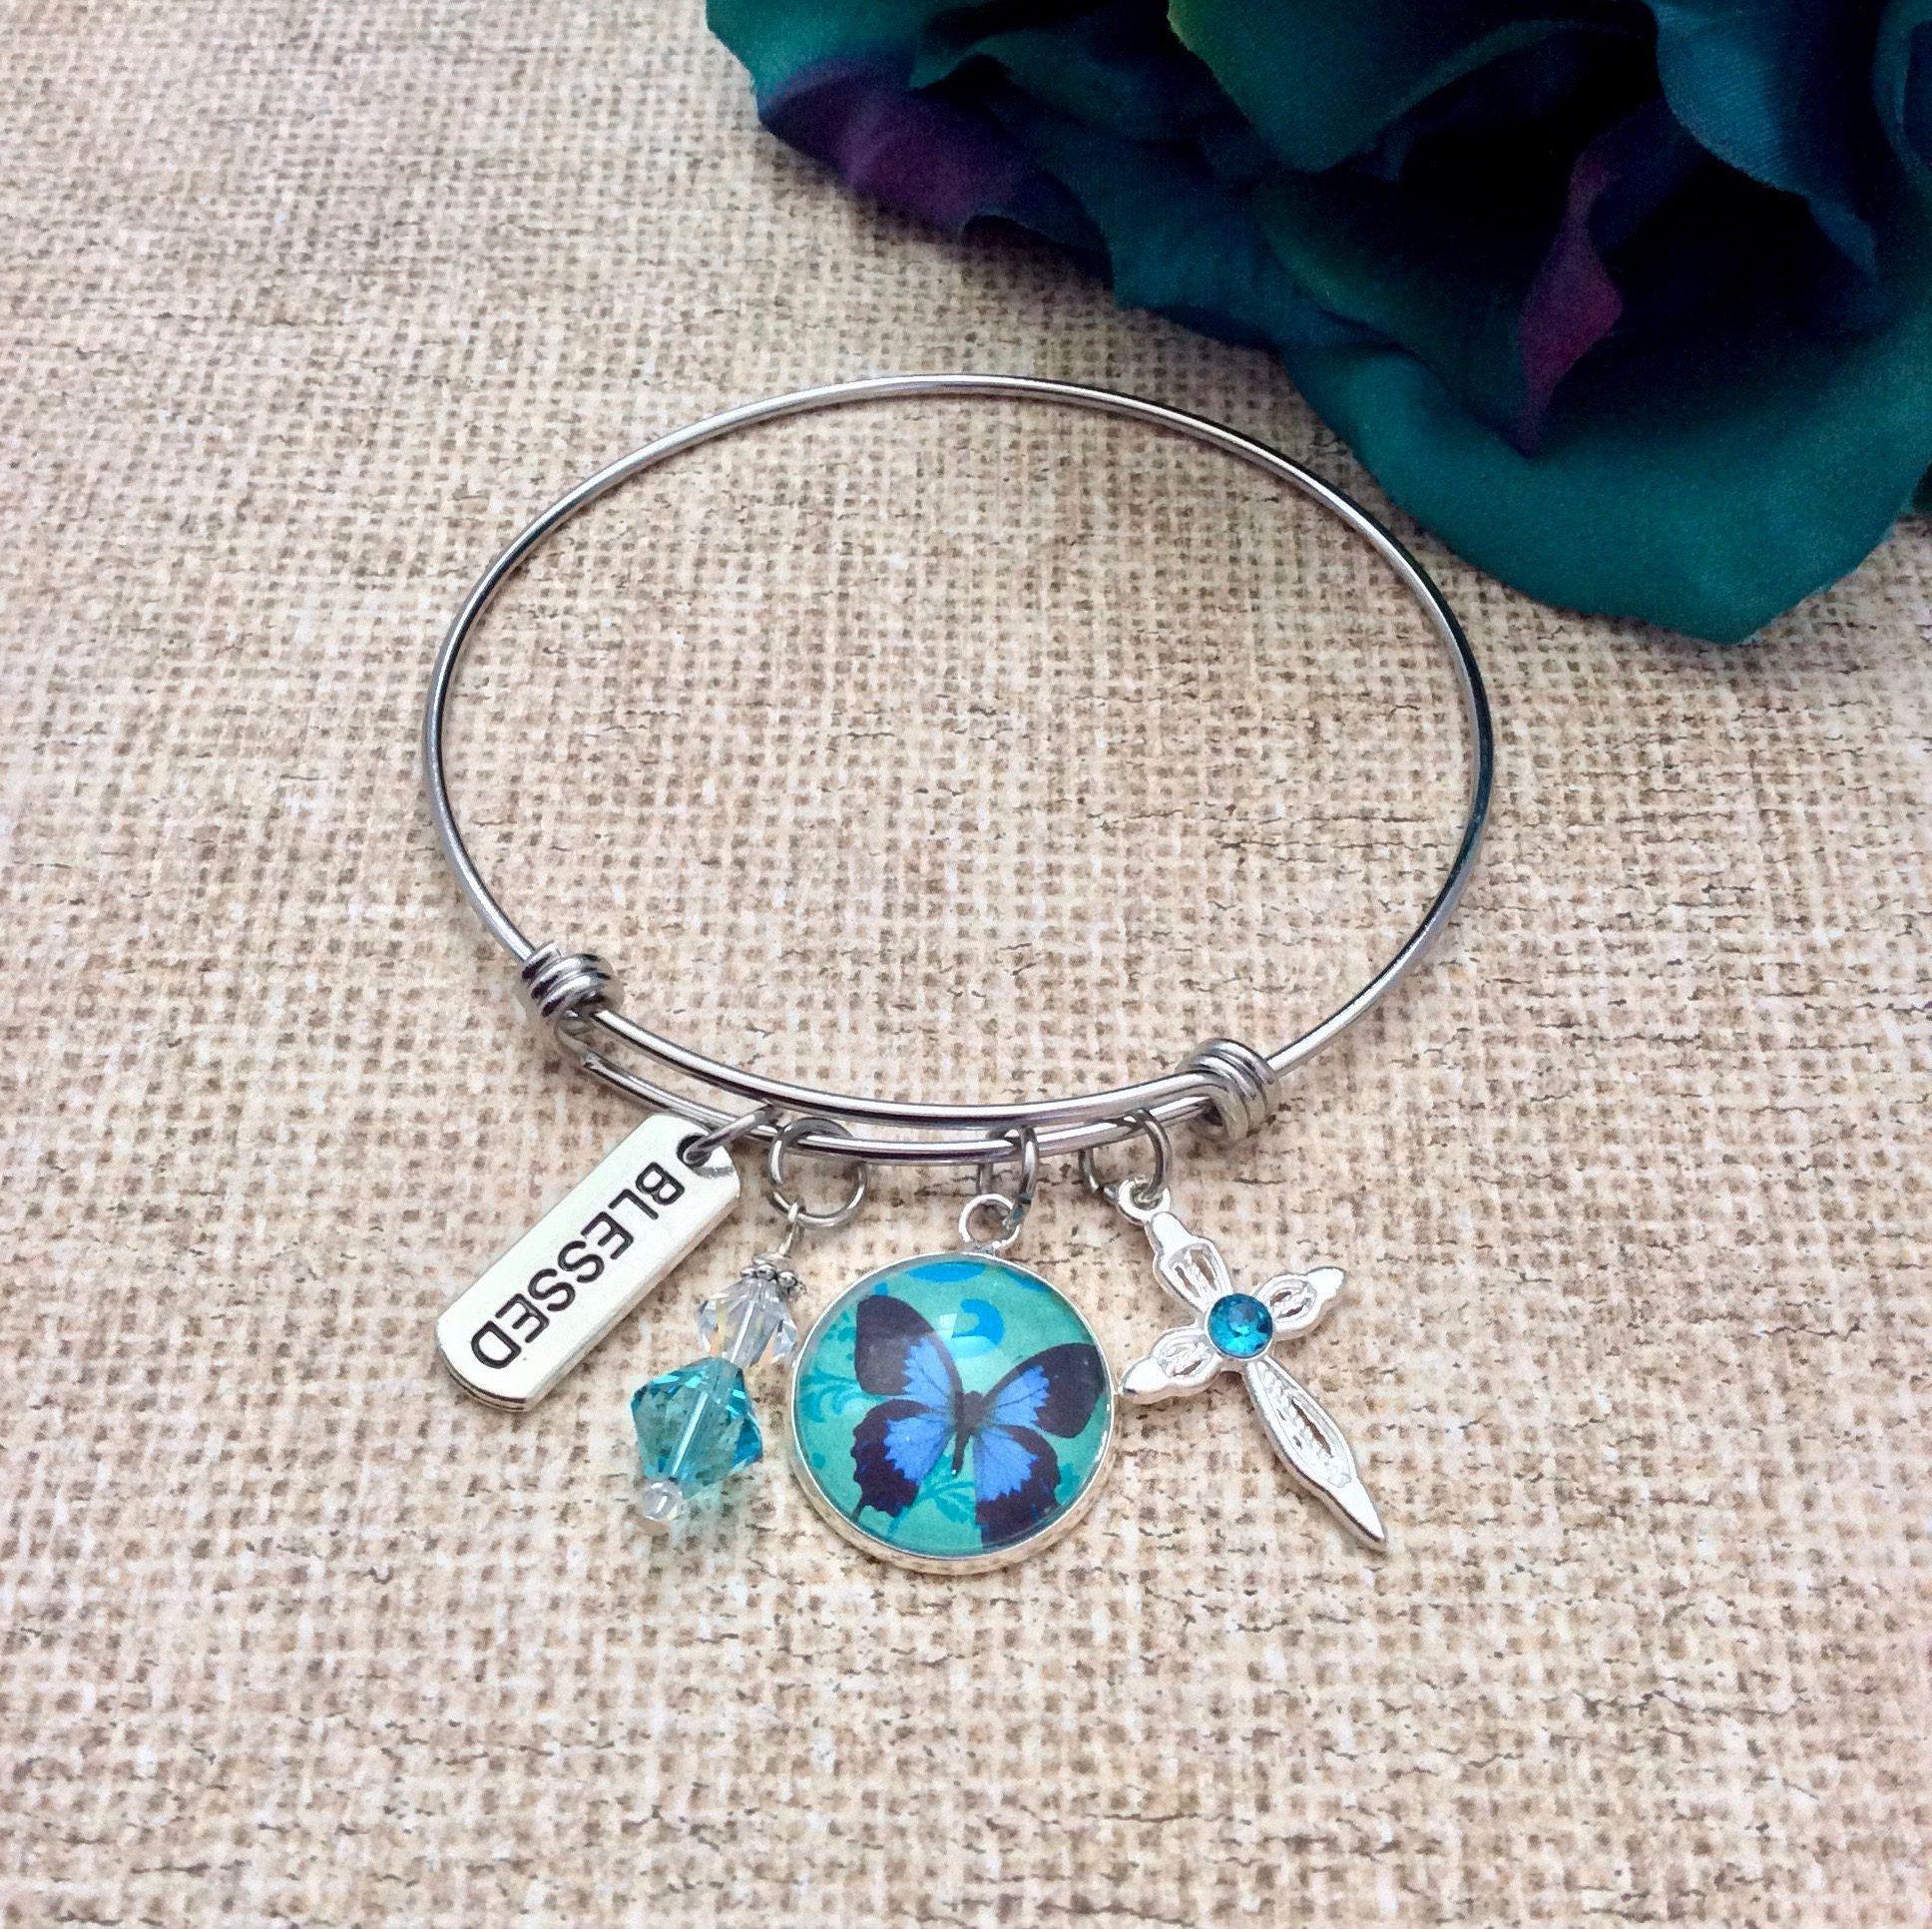 Blue Butterfly Bangle Bracelet, Swarovski Crystal Bracelet, Christian Bracelet,  Charm Bracelet, Faith Jewelry, Inspirational Bracelet by BeautifullyInspiredJ on Etsy